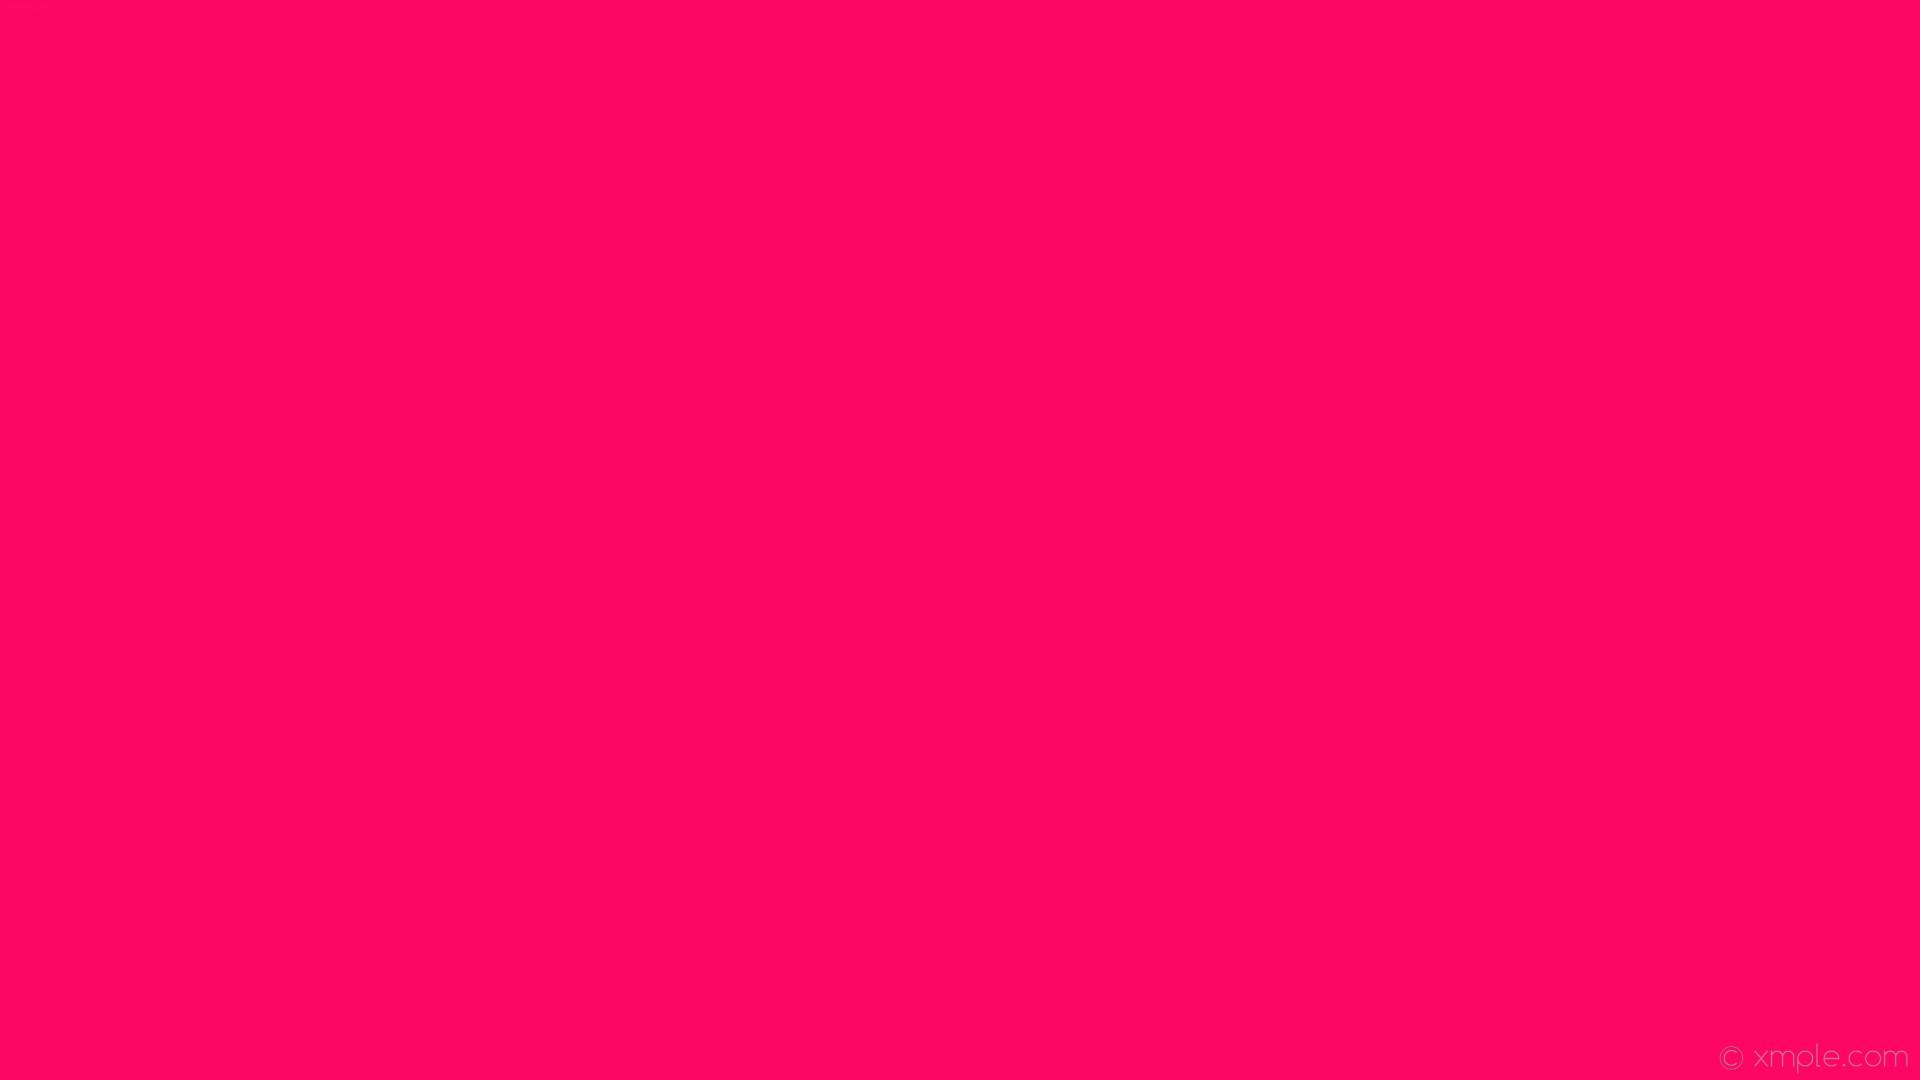 wallpaper solid color one colour single pink plain #fd0664